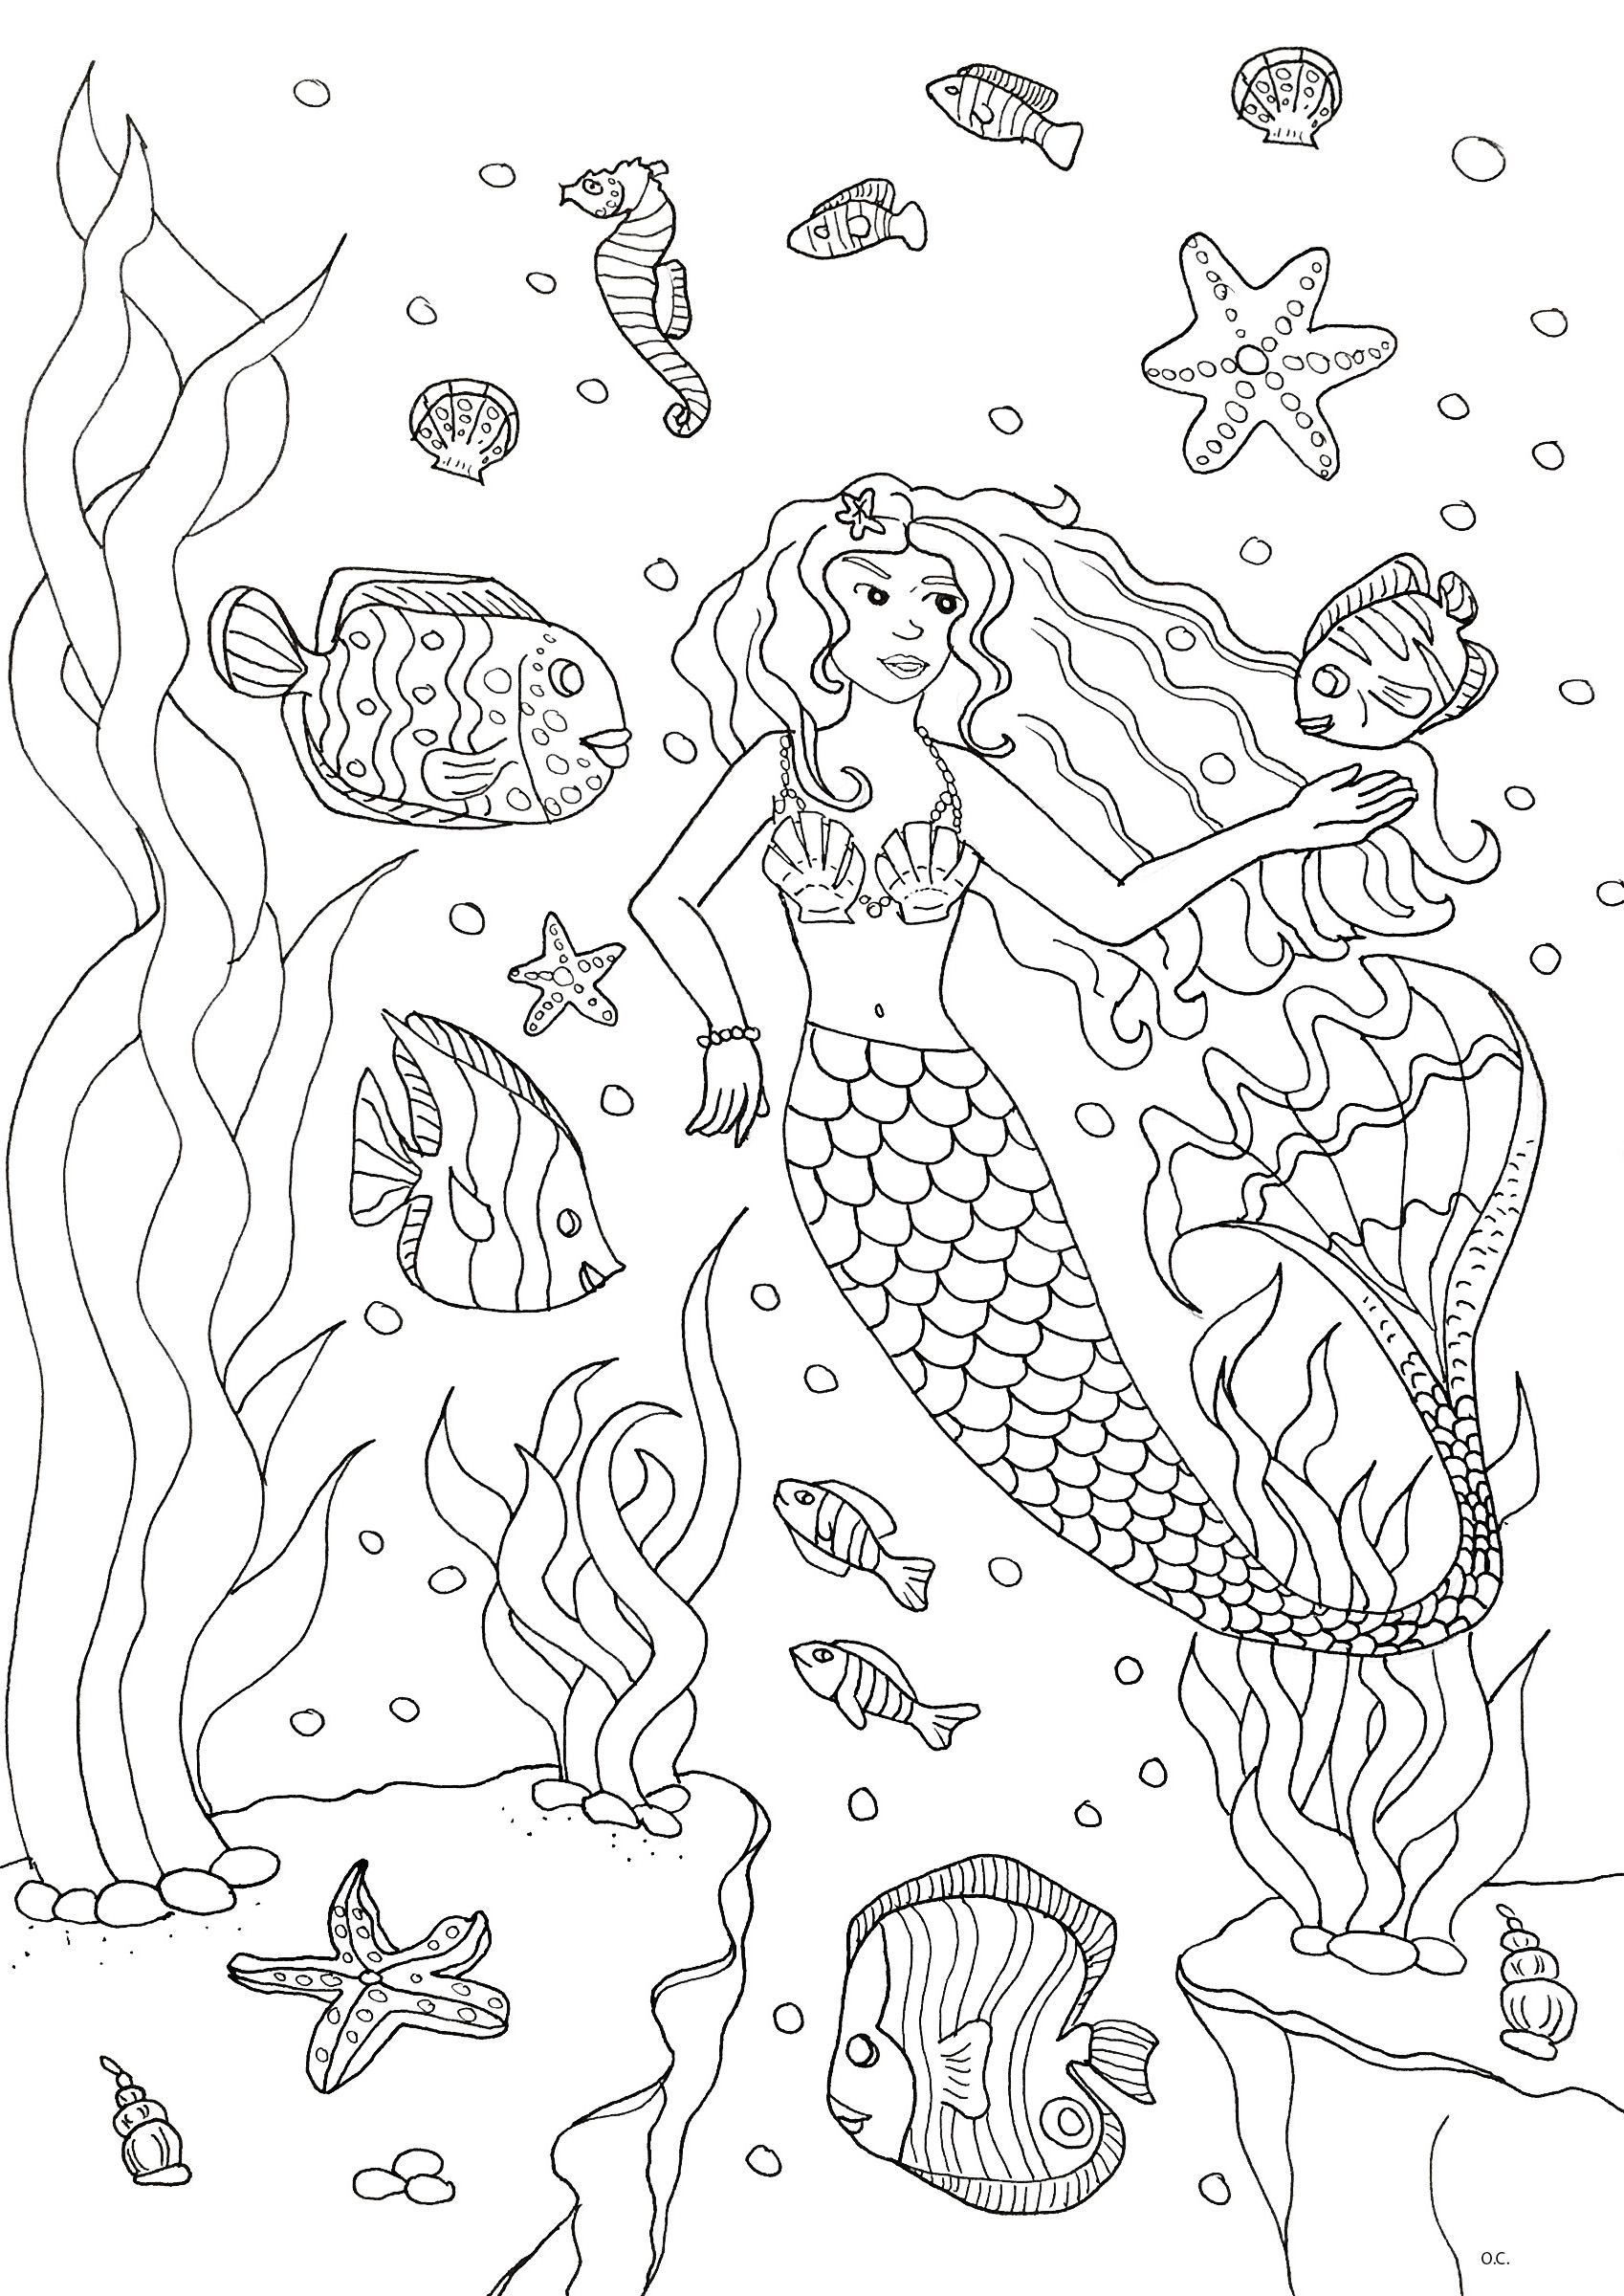 Dessin à imprimer et colorier d'une jolie sirène et ses amis poissons